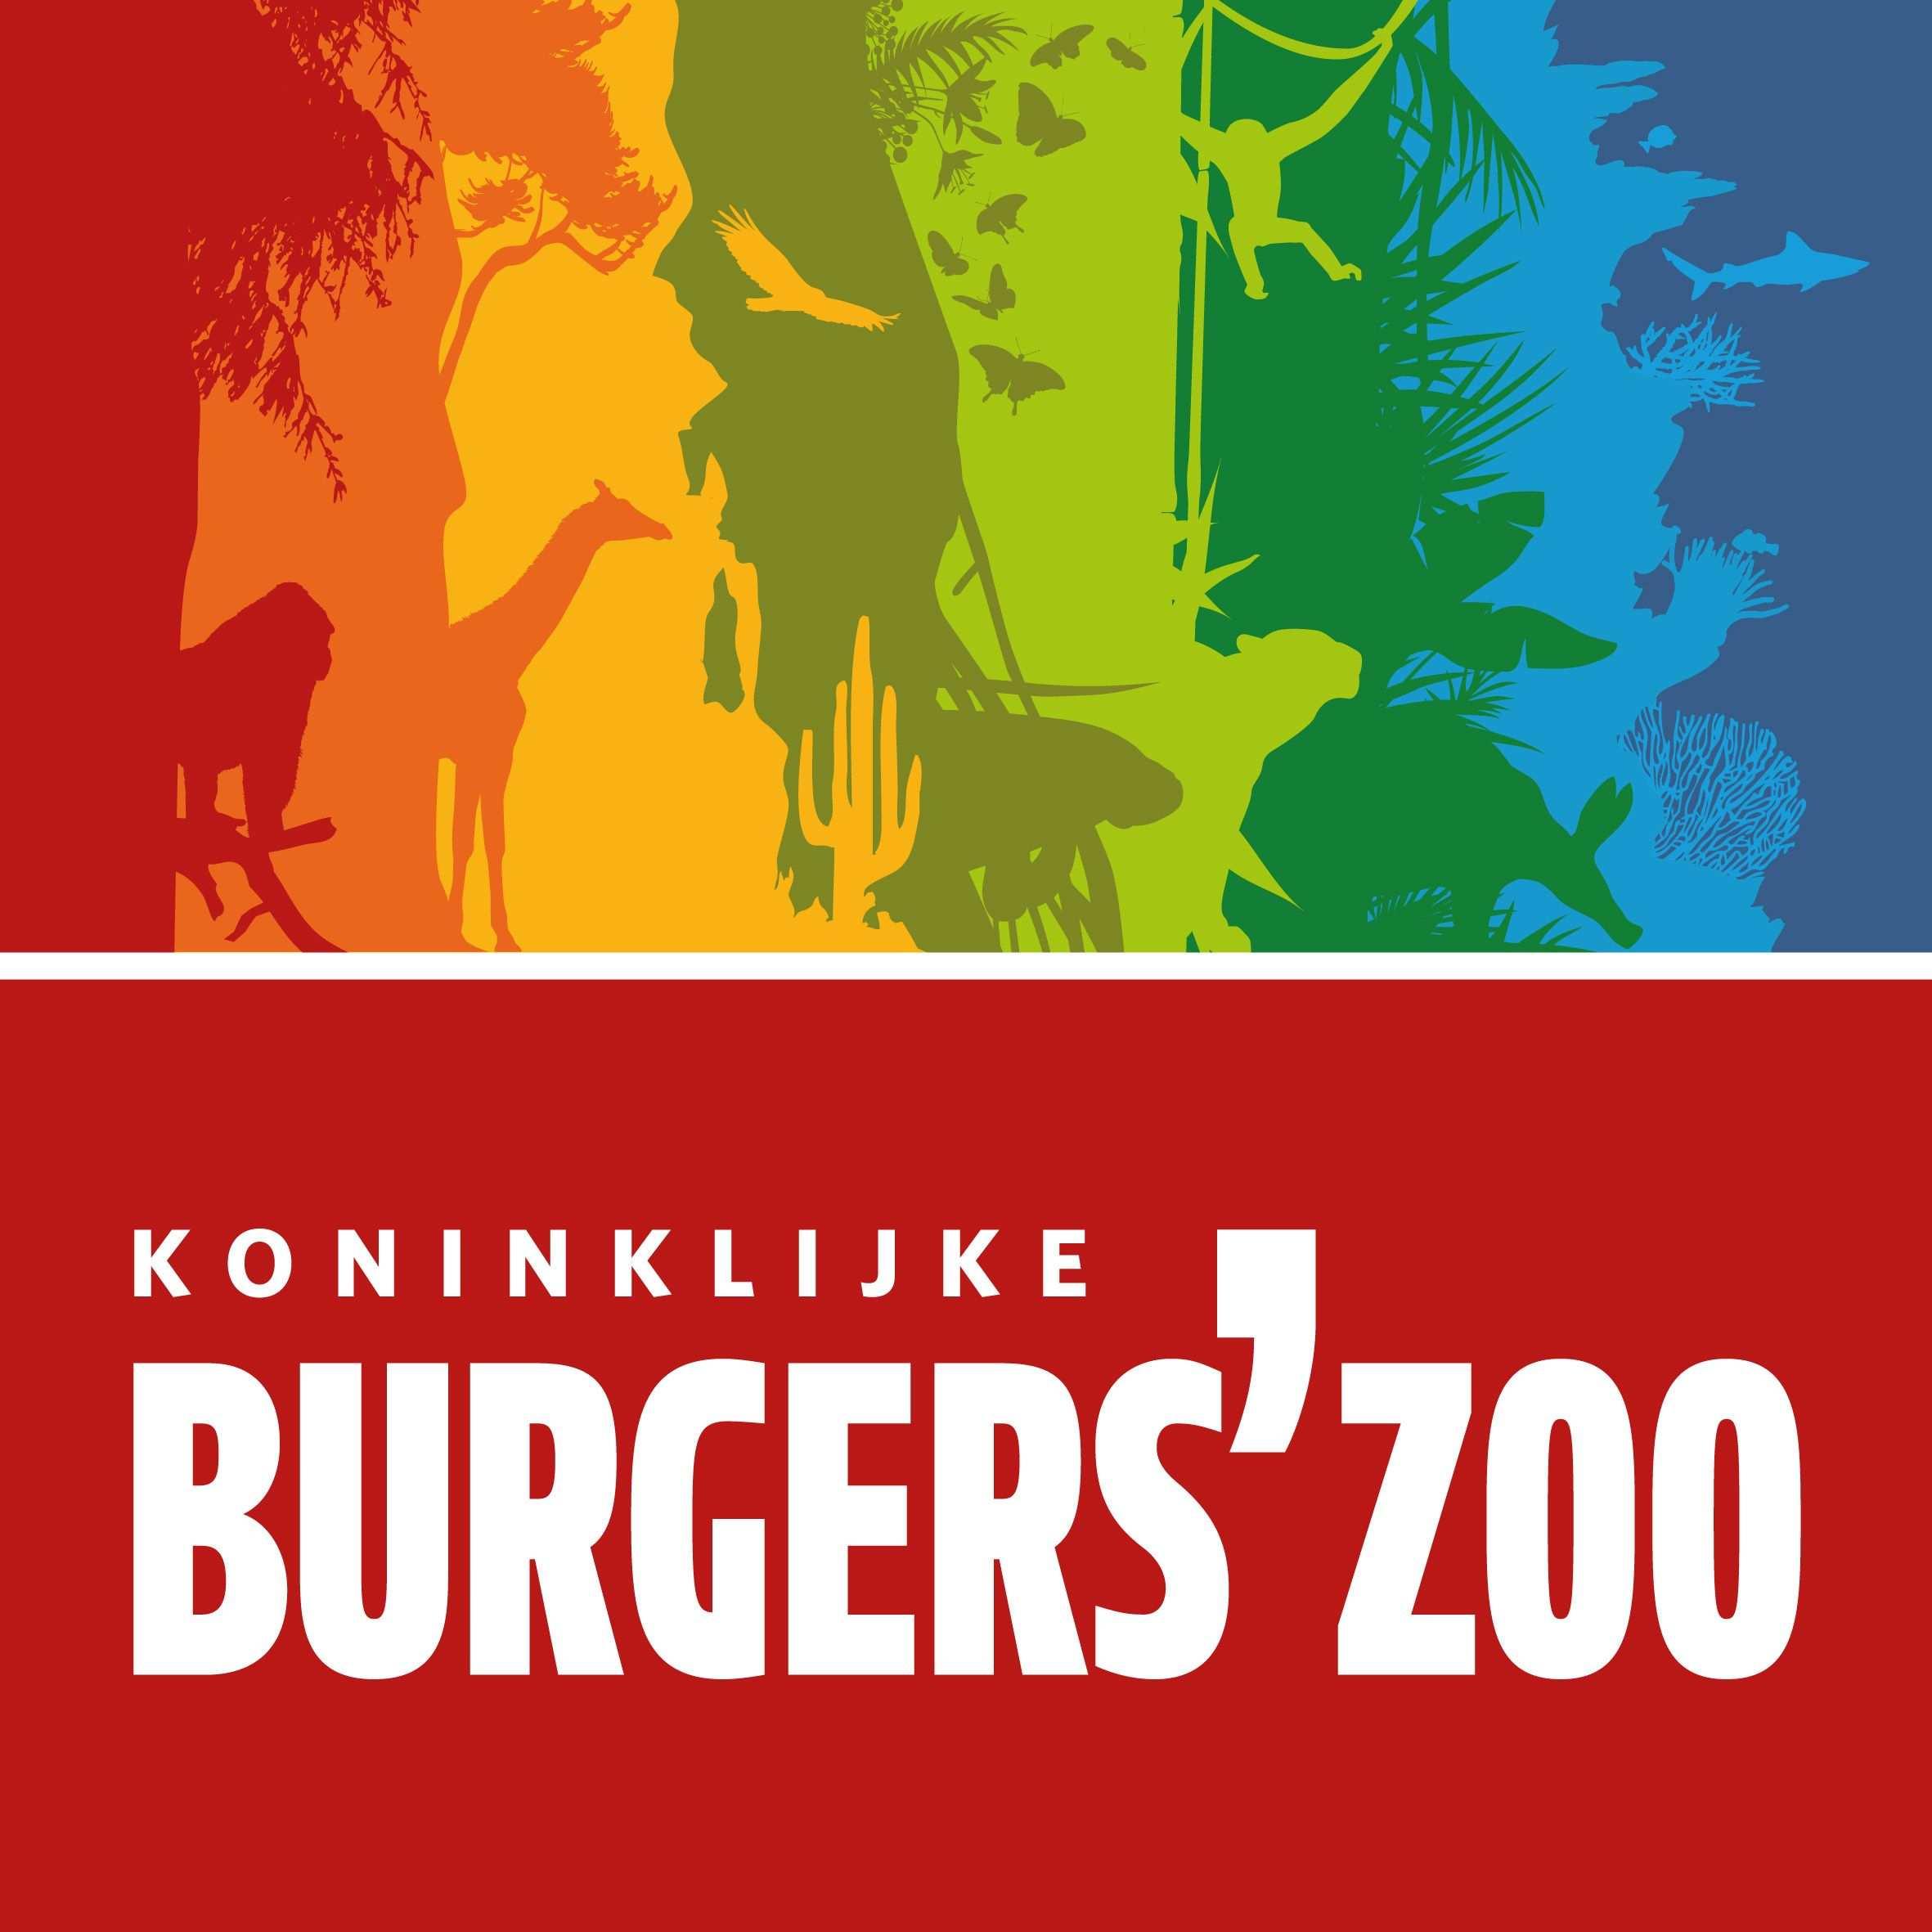 Koninklijke Burgers Zoo De Dierentuin Arnhem Nederland